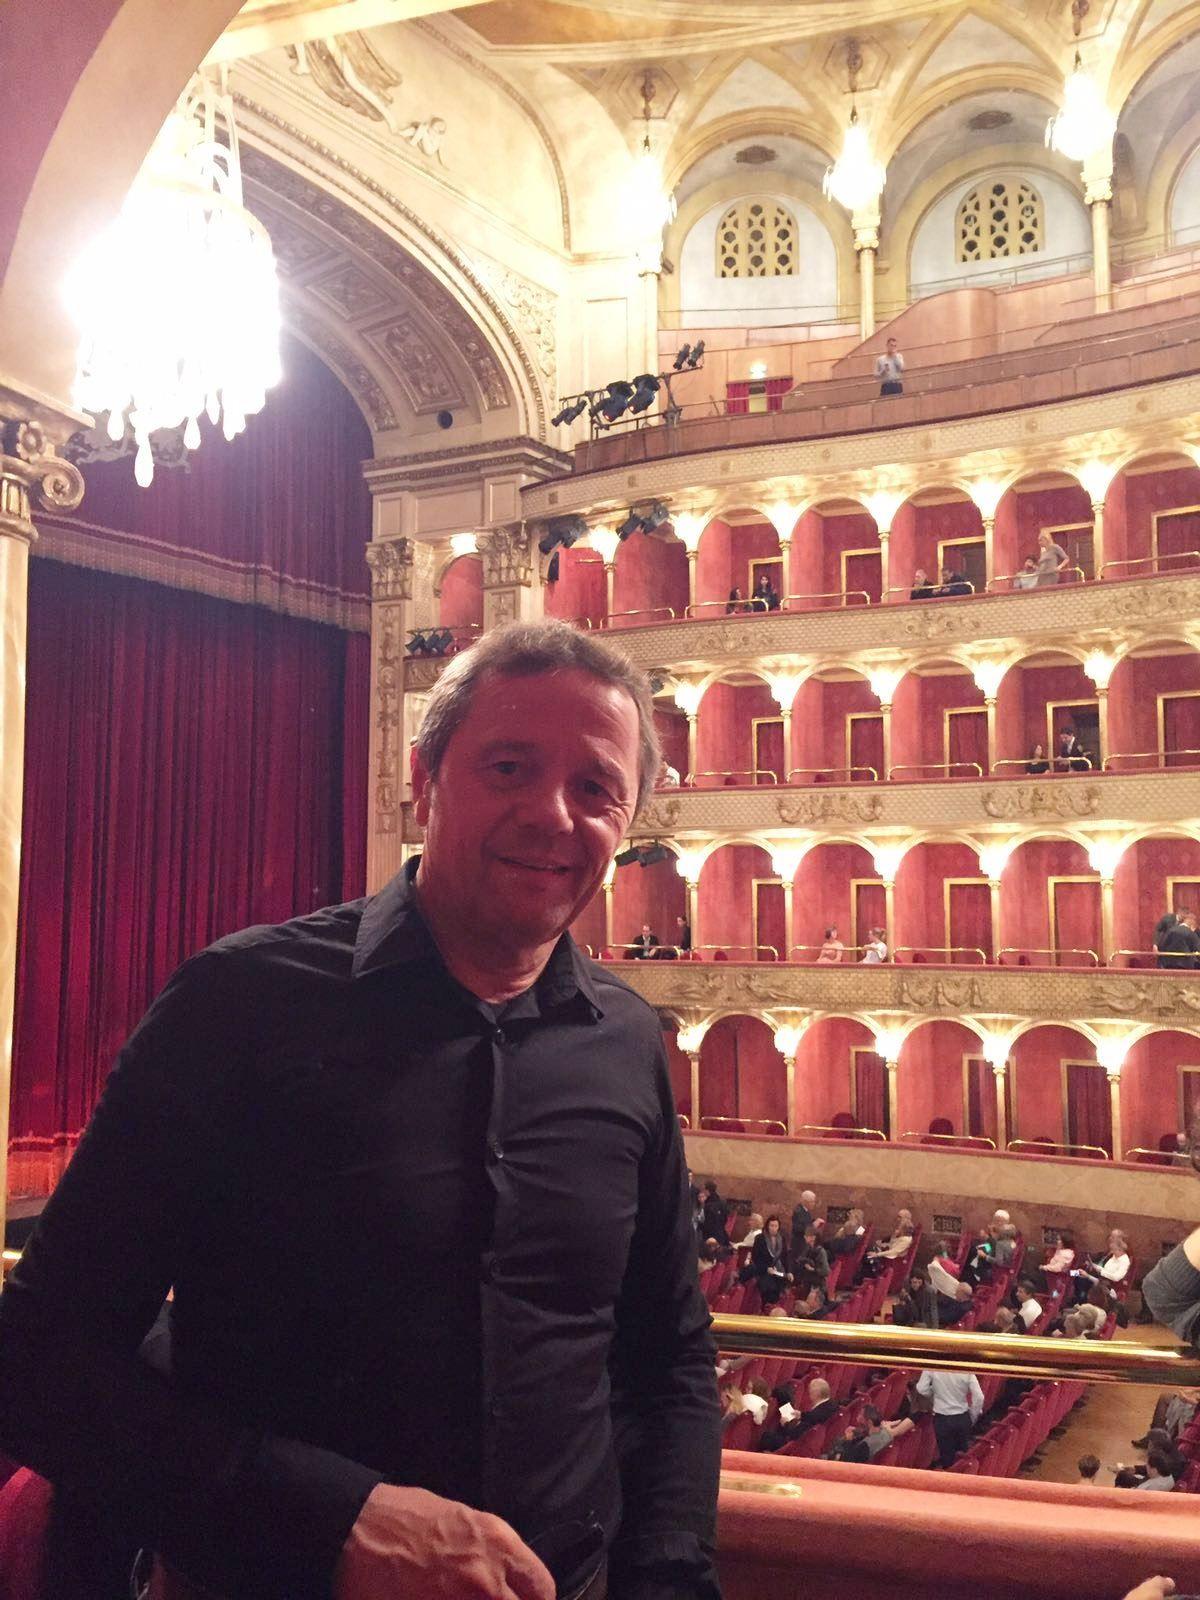 #rebeccabianchi è stellare ..... #illagodeicigni #cajkovskij #teatrodellopera  #roma #travelermes #teatro #cultura #yallerslazio